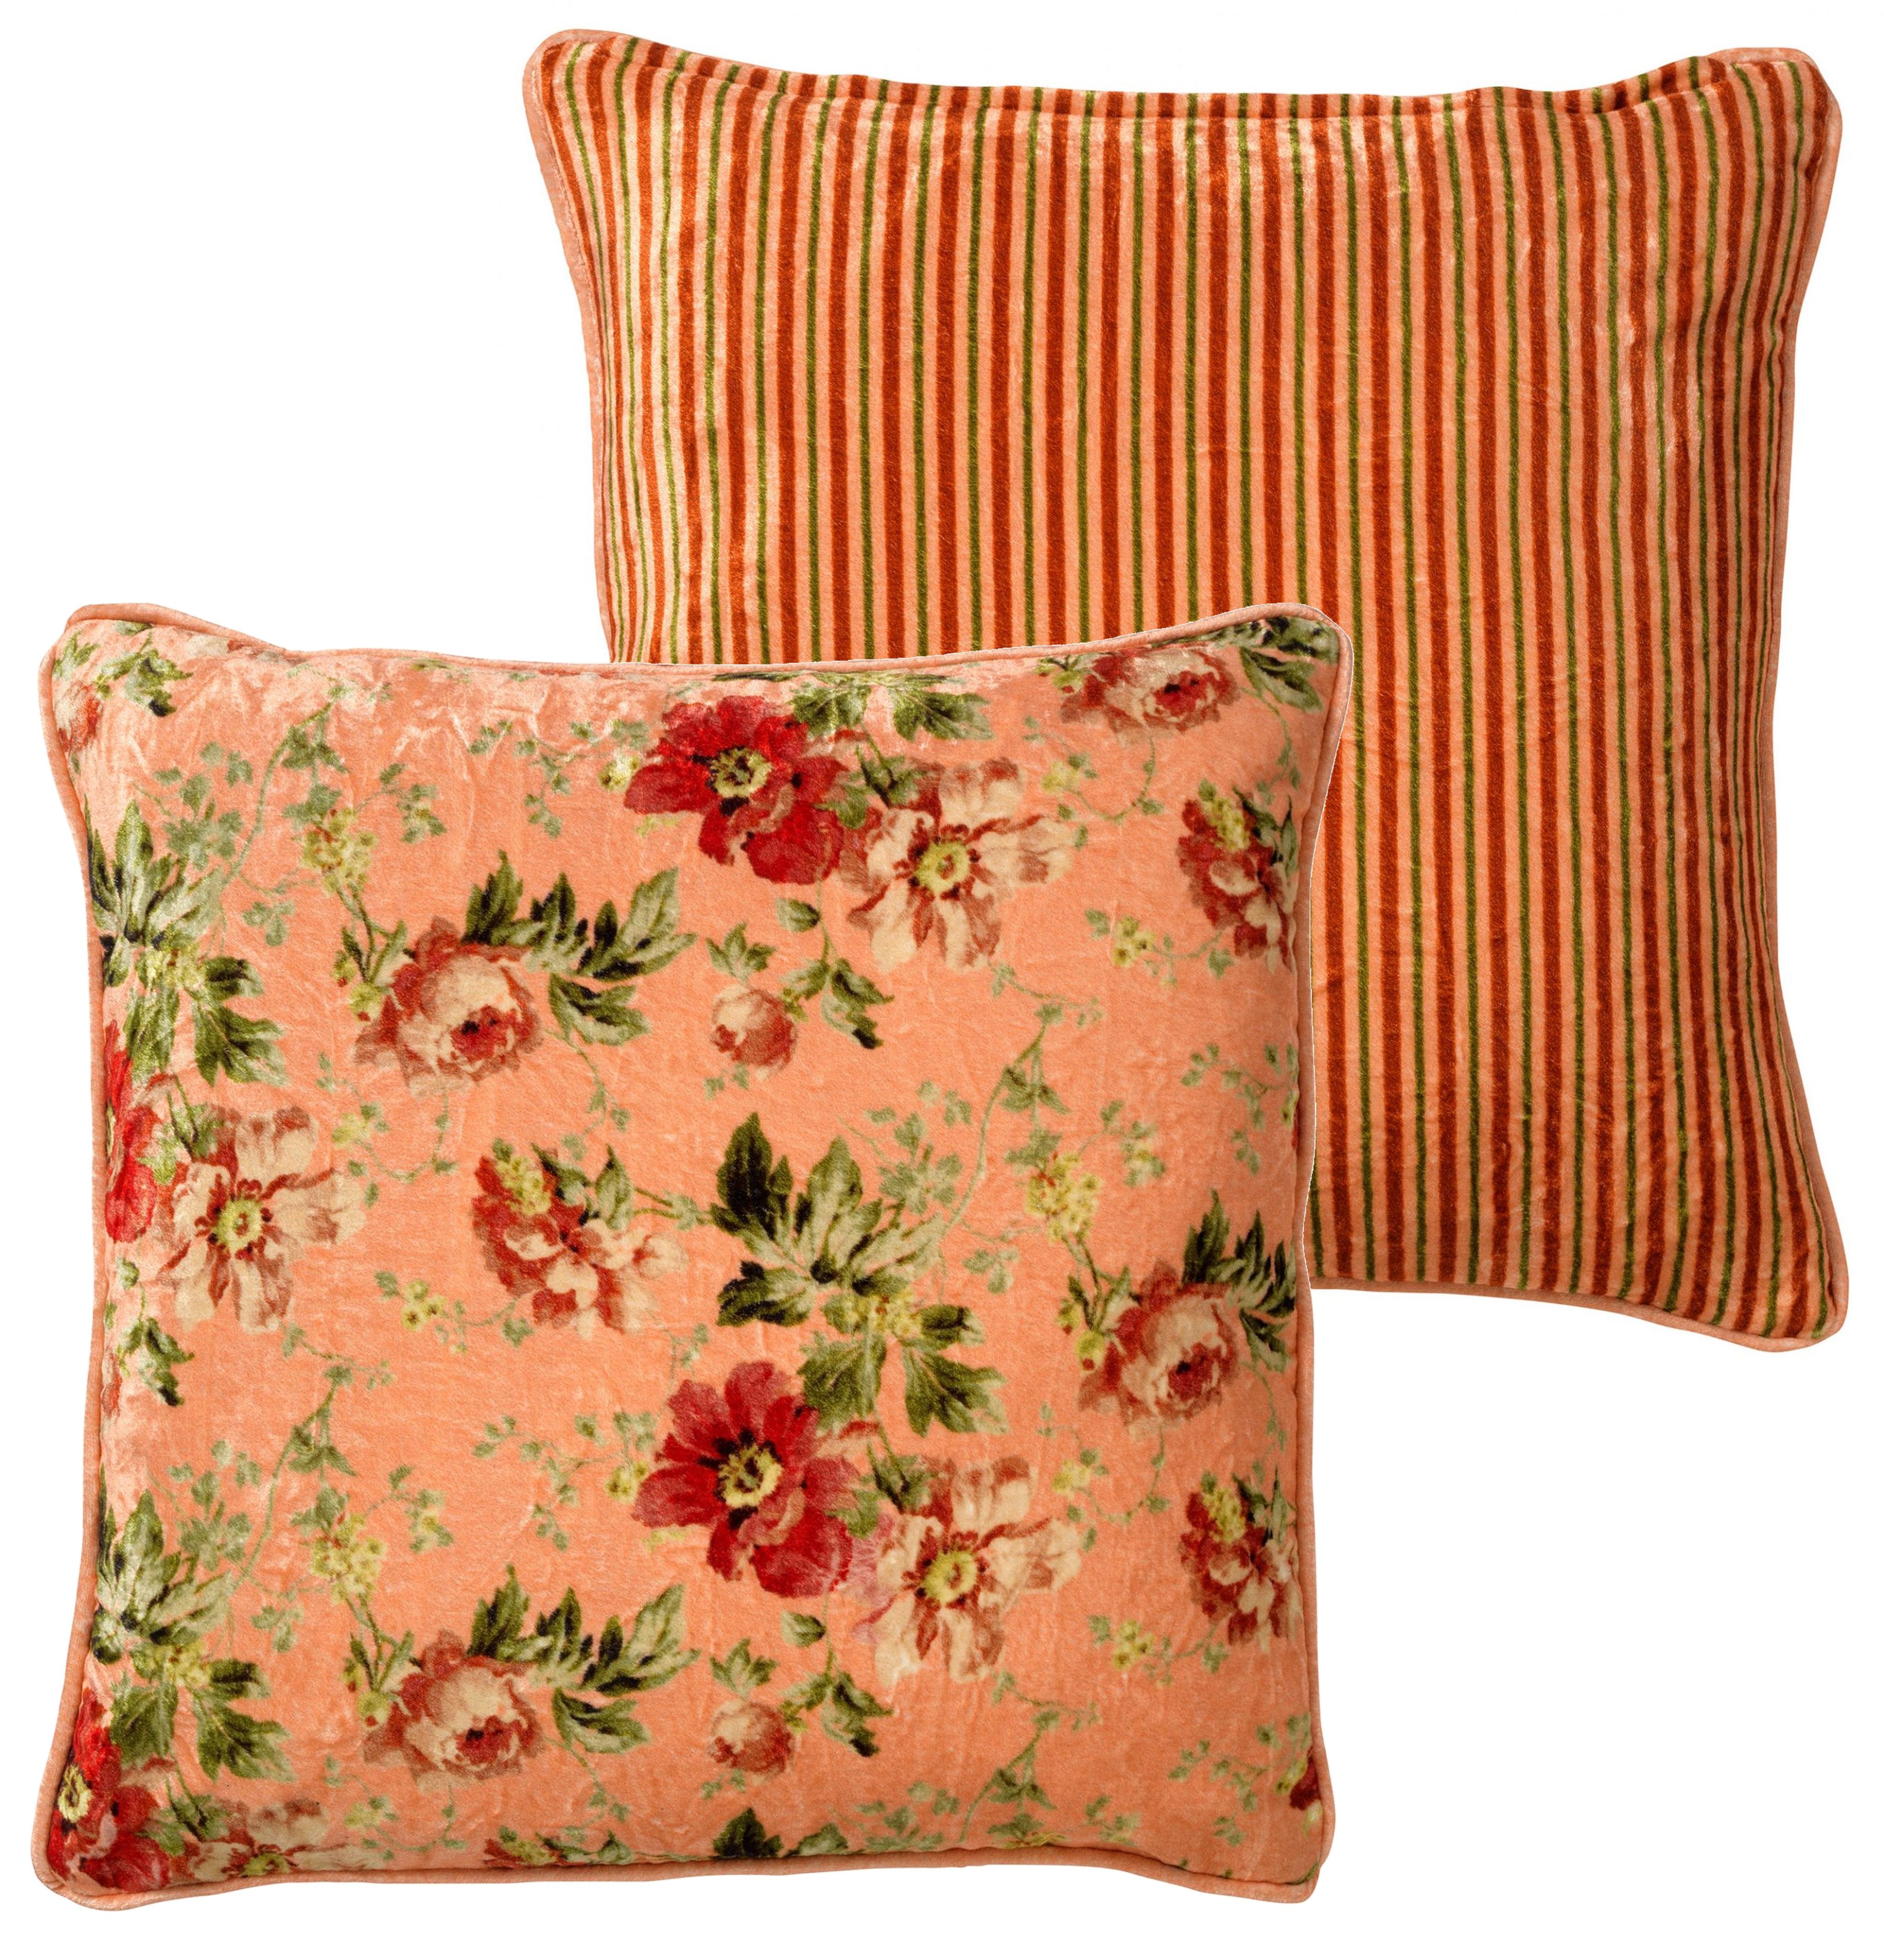 coussin en velours avec fleurs Rose saumon 45x45